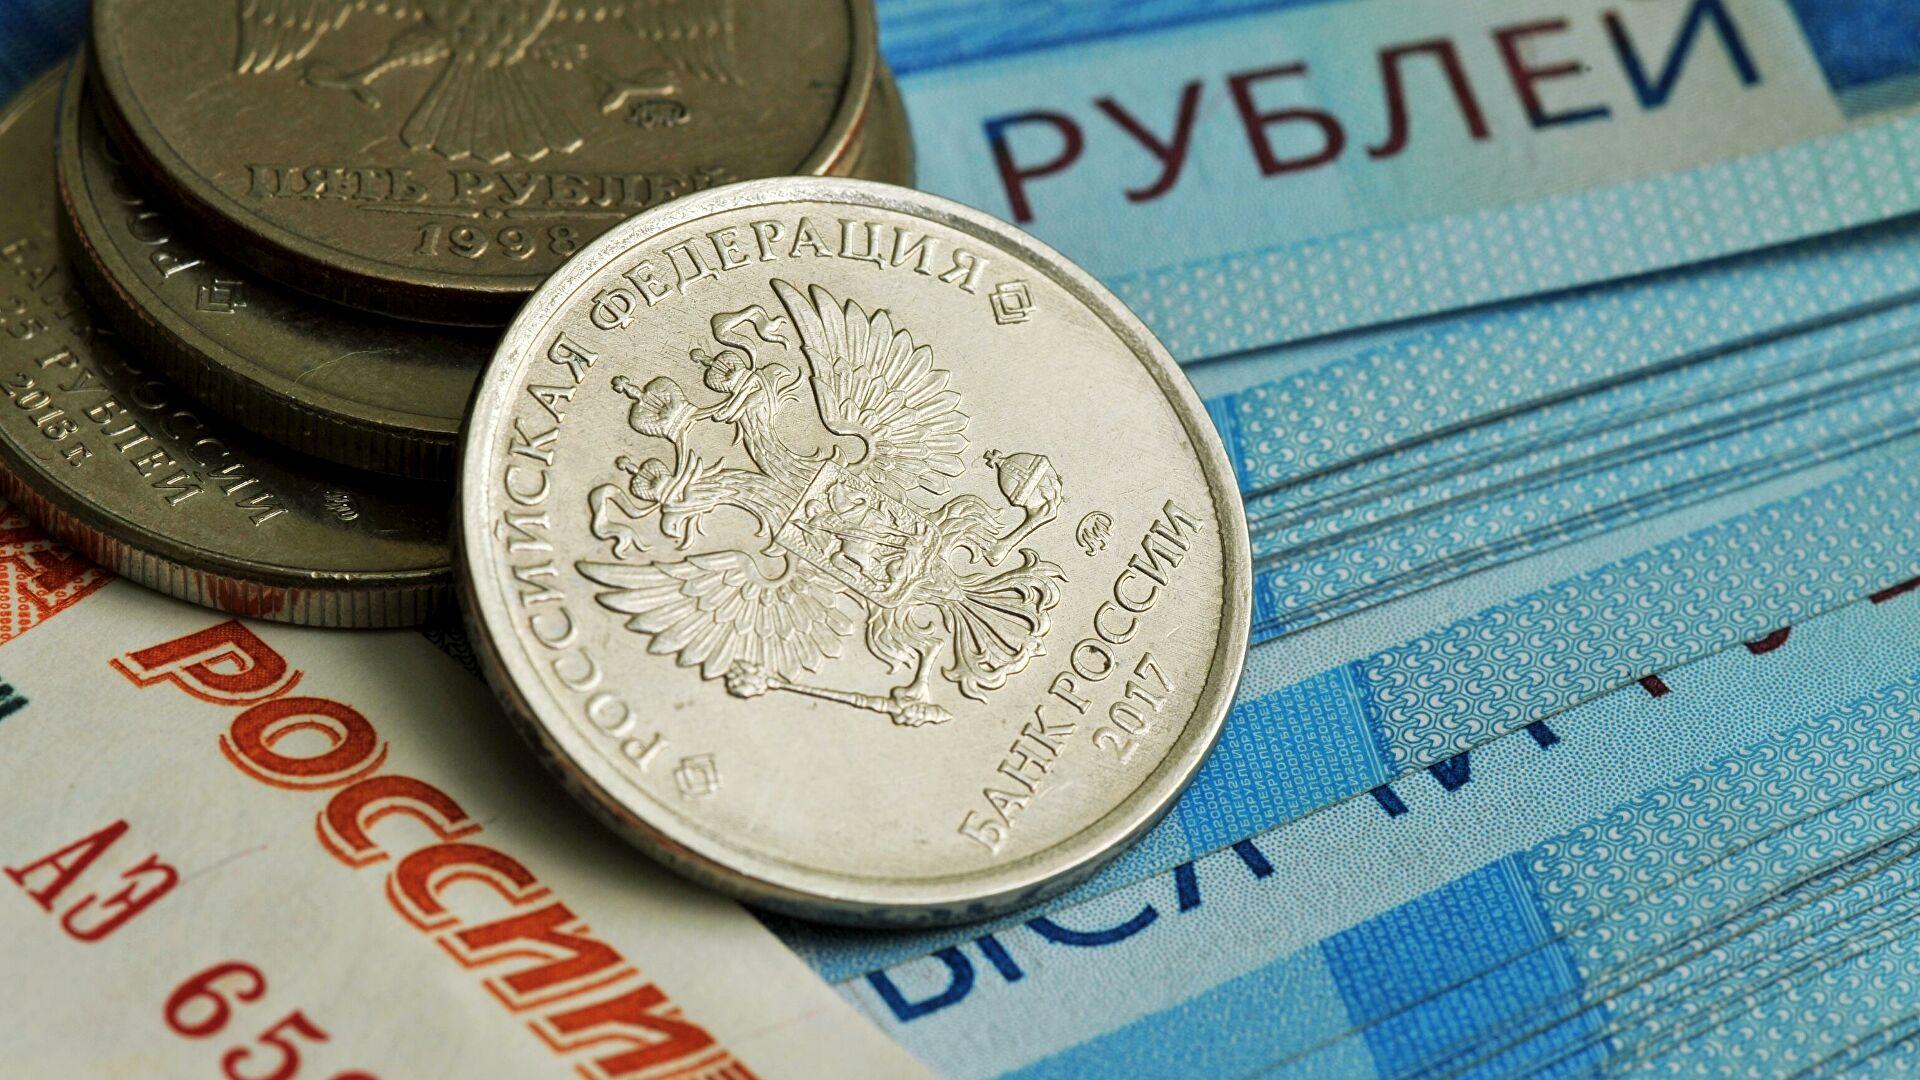 Русијa планира покретање дигиталне рубље до 2030. године